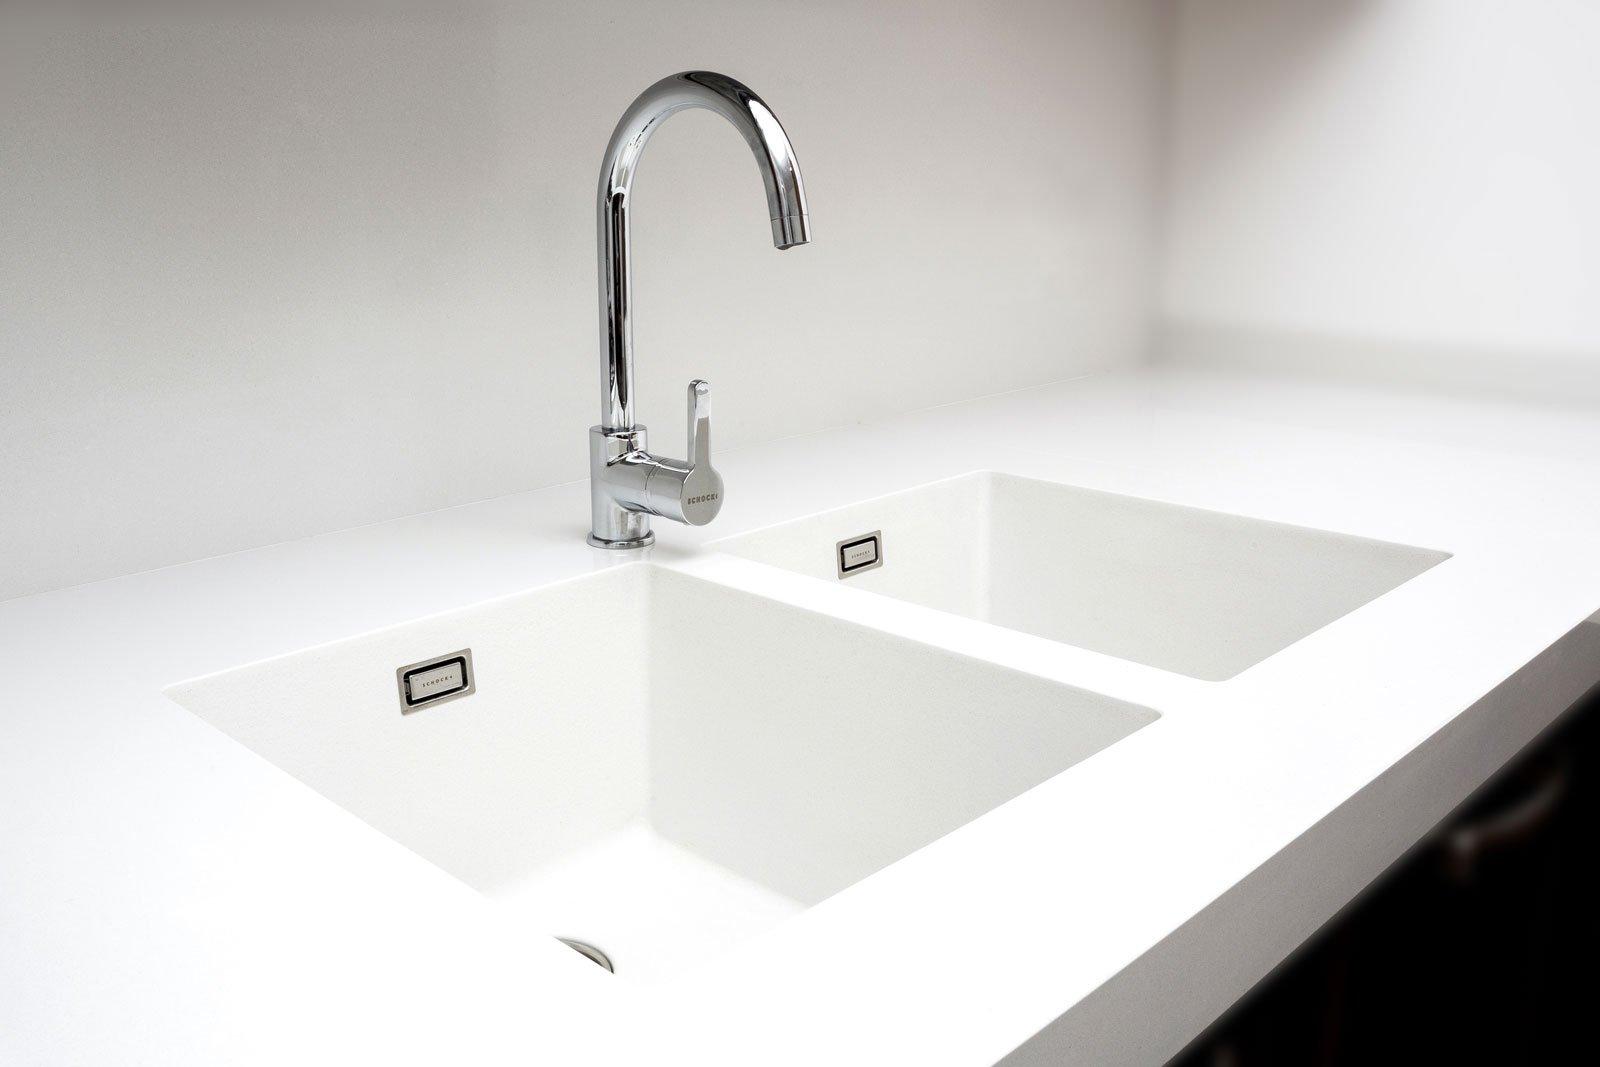 Il lavello integrato nel top c 39 ma quasi non si vede cose di casa - Lavello cucina resina ...